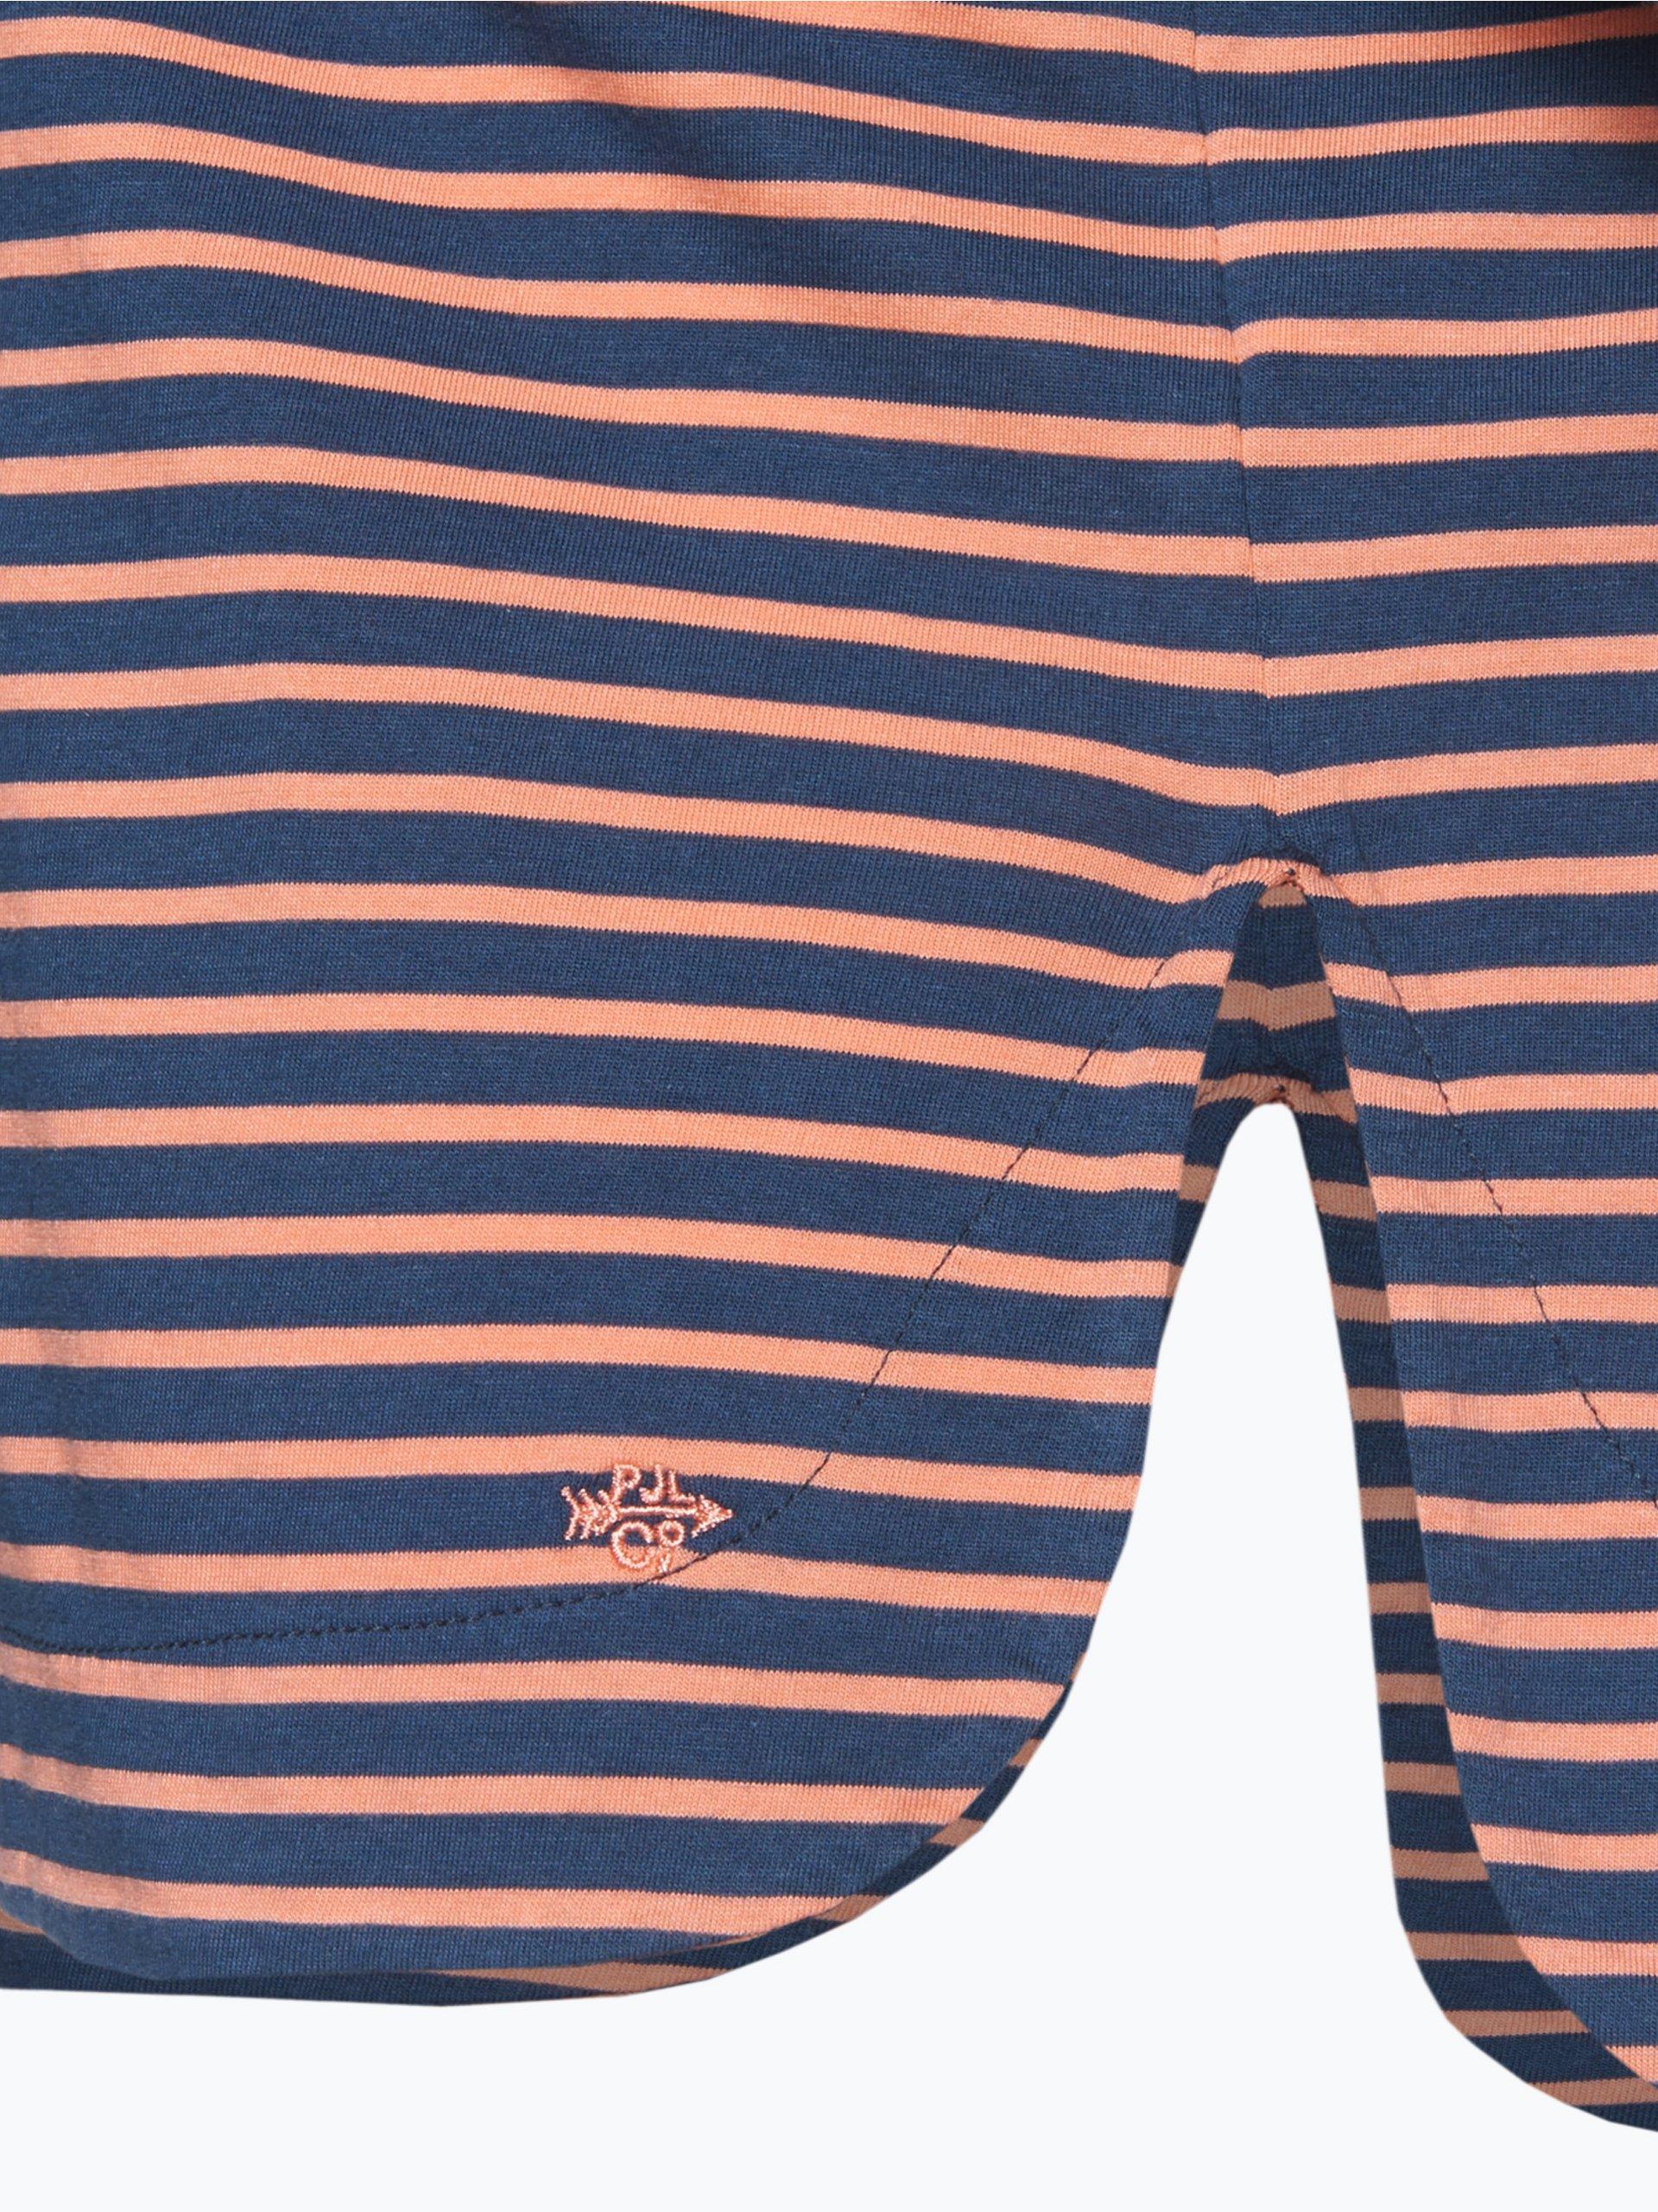 Pepe Jeans Shirt - Melinda